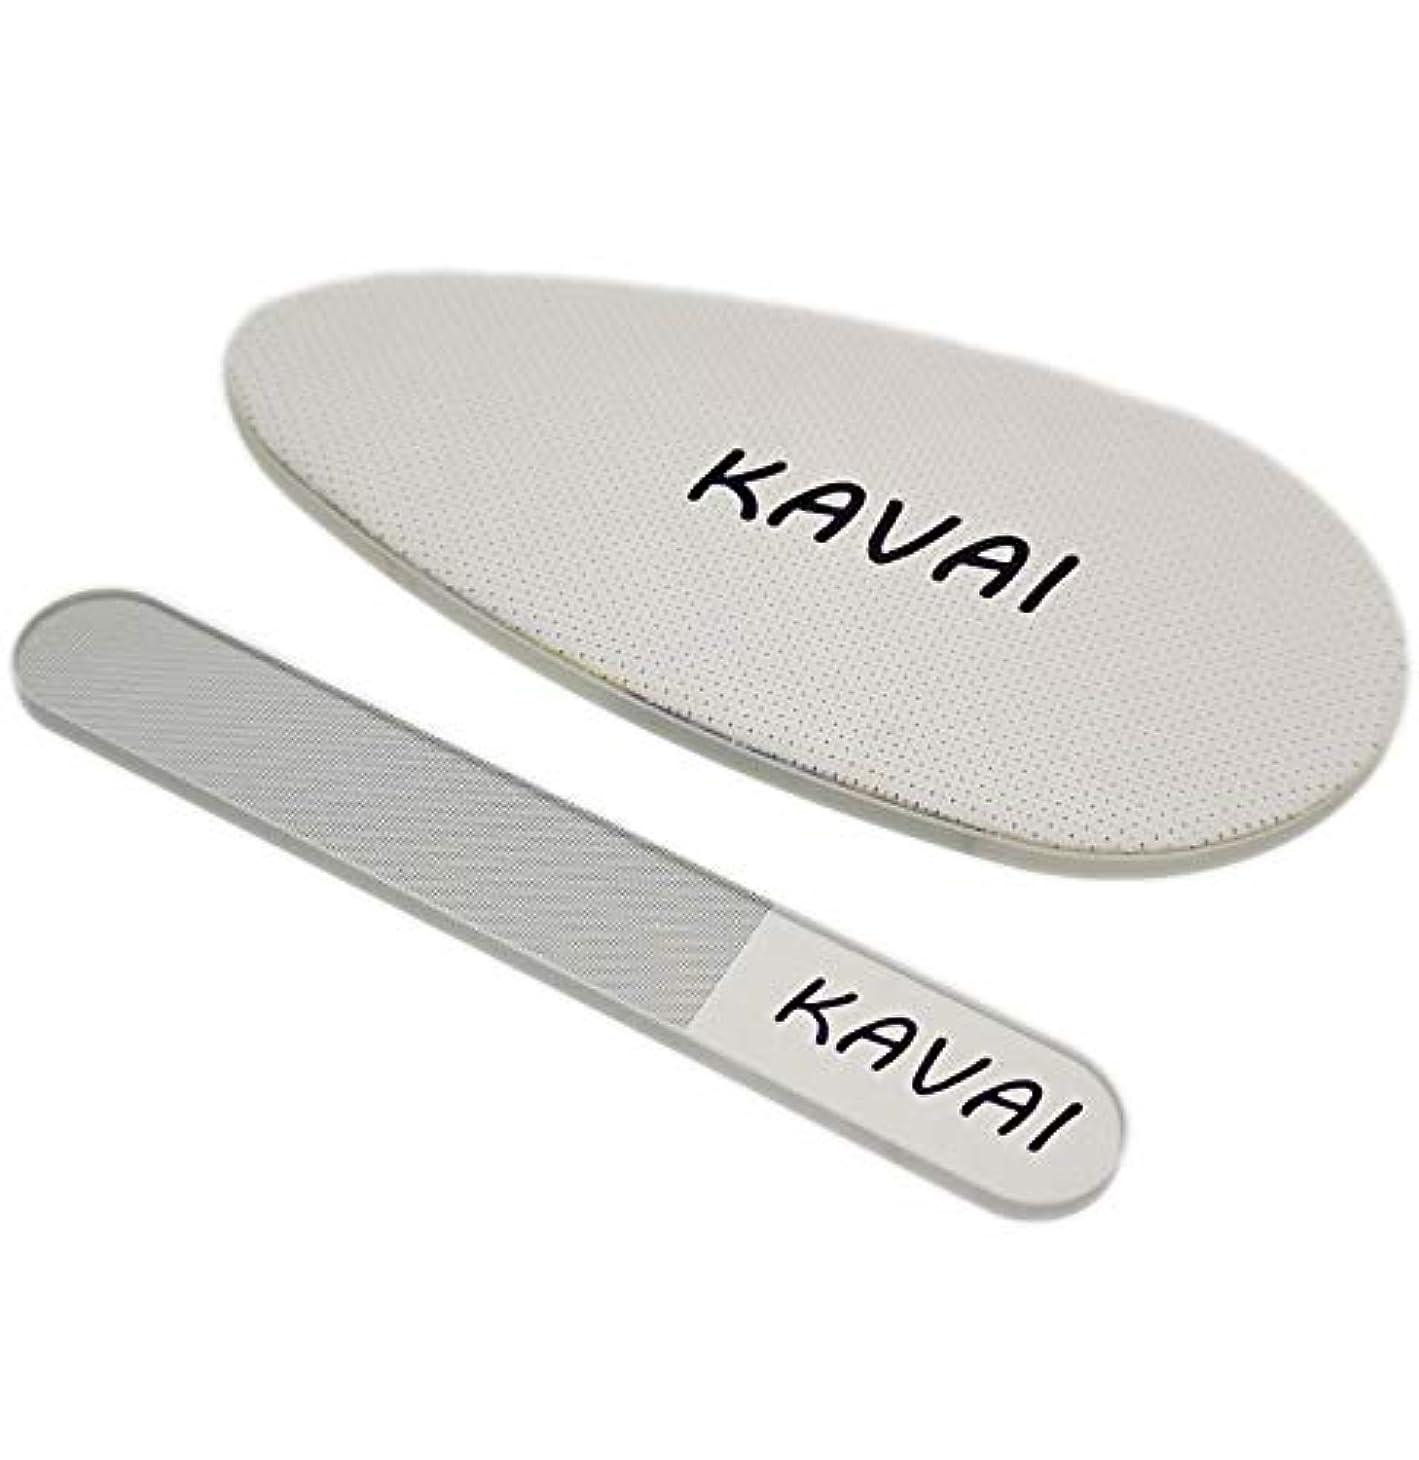 弁護人分泌する過半数Kavai かかと削り, かかと 角質取り ガラス, ガラス製かかとやすり 足 かかと削り かかと削り かかと磨き ガラス製 爪やすり (爪やすり)